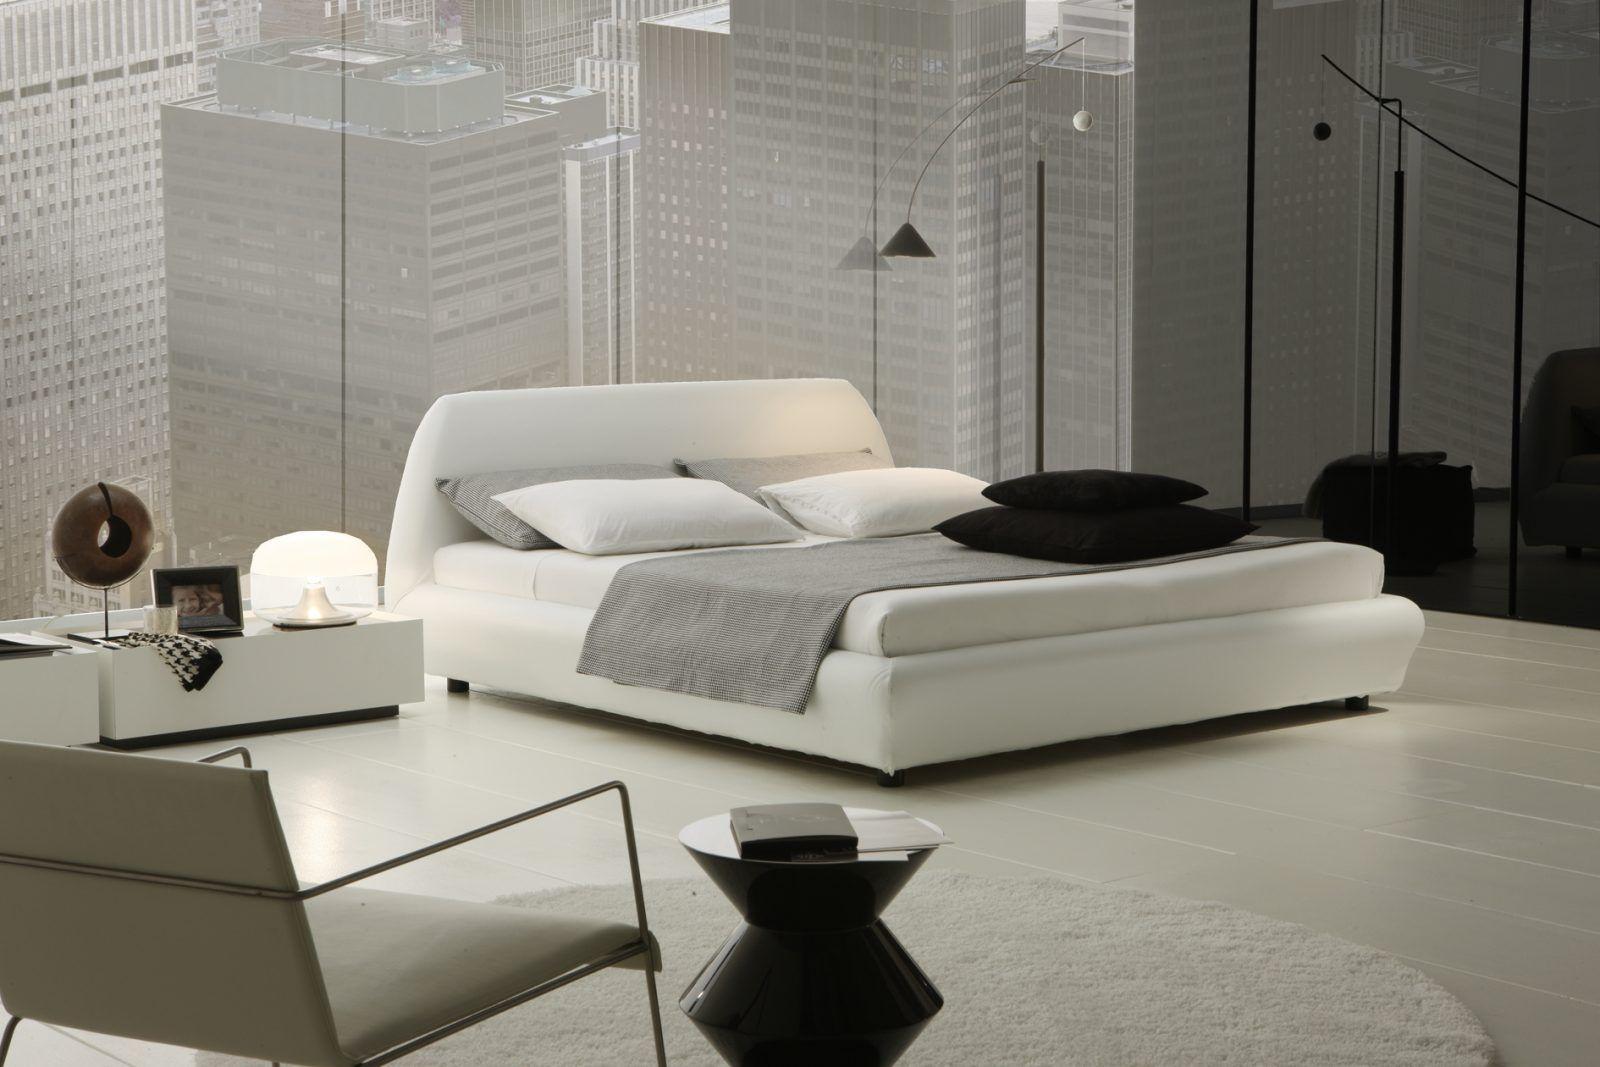 habitación minimalista - minimalist bedroom 3 | decoración